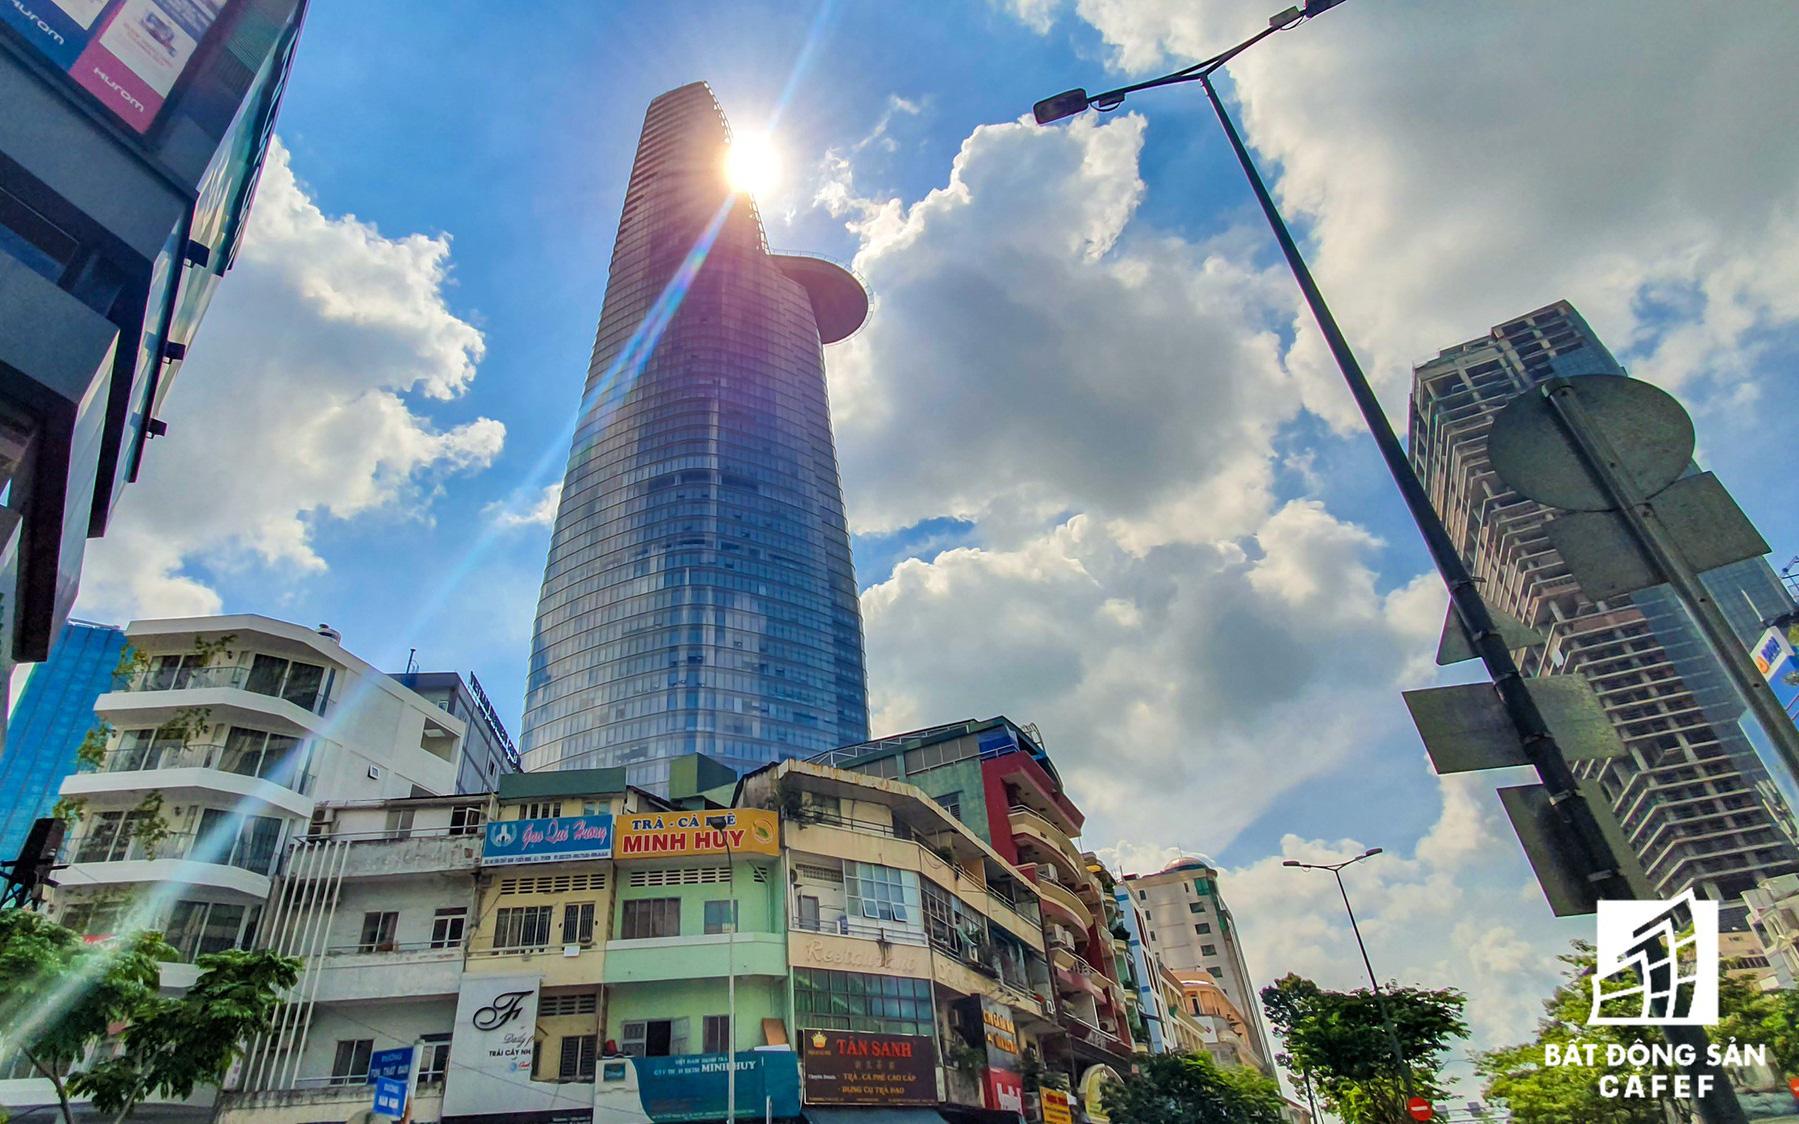 Khả năng chống chịu và ứng phó của Việt Nam nên thế nào trước các rủi ro bất ổn tài chính toàn cầu?